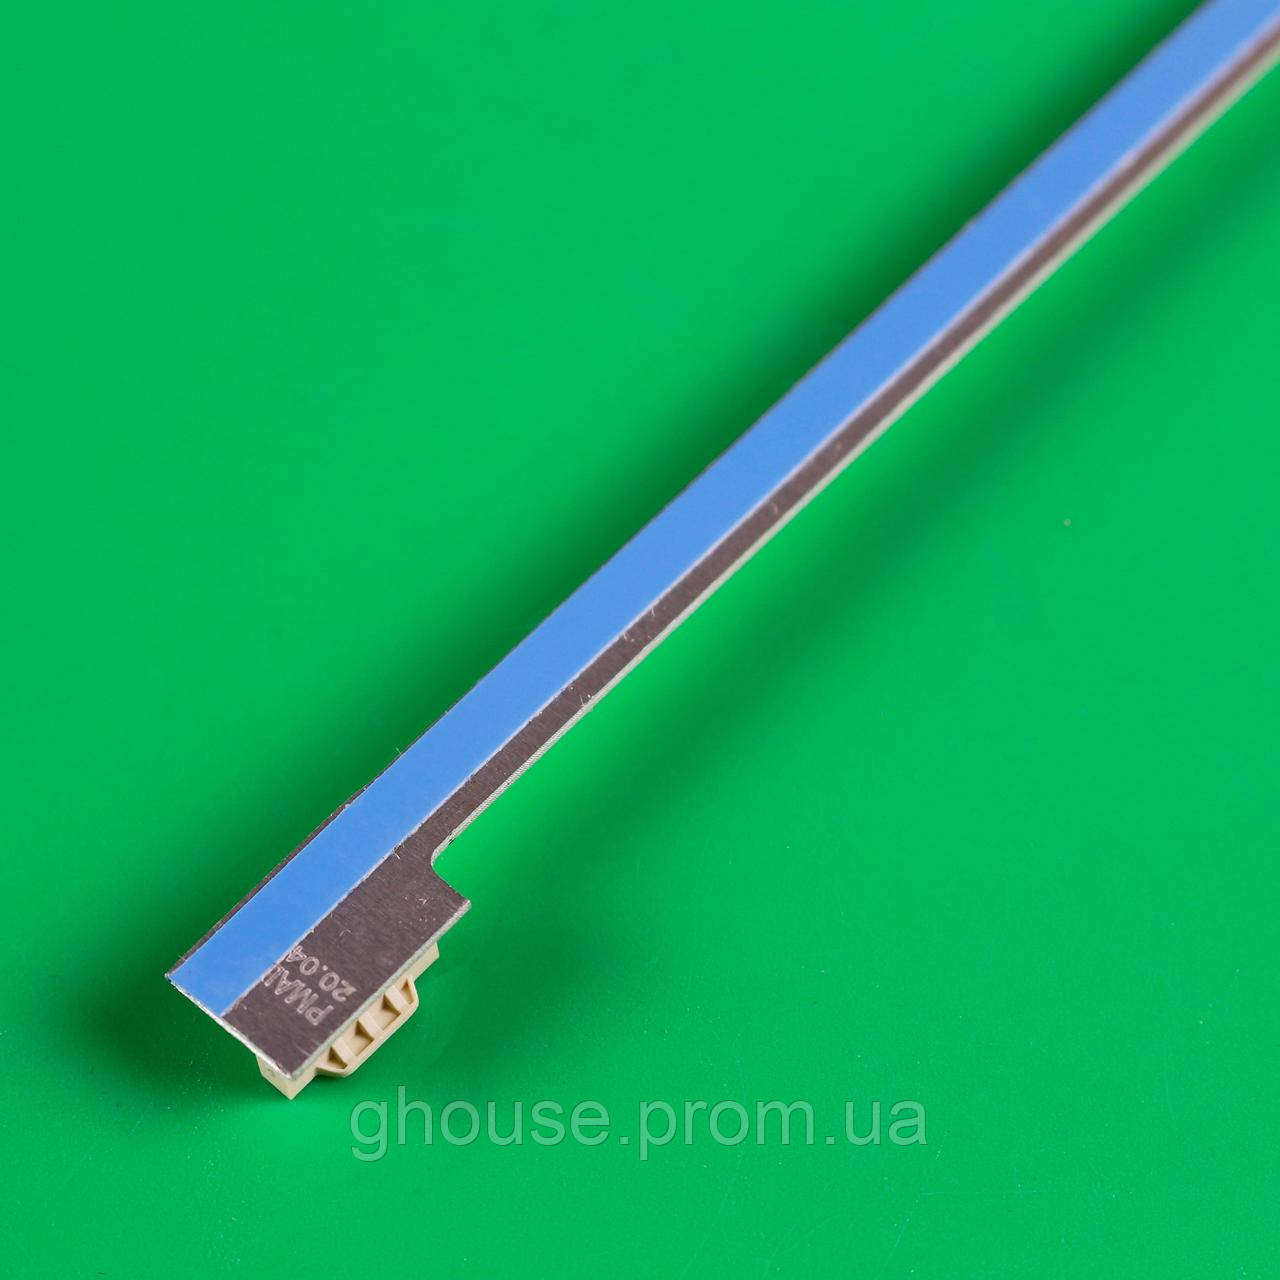 LG 42LS570T подсветка 42 v12 EDGE rev1.1 6920l-0001c